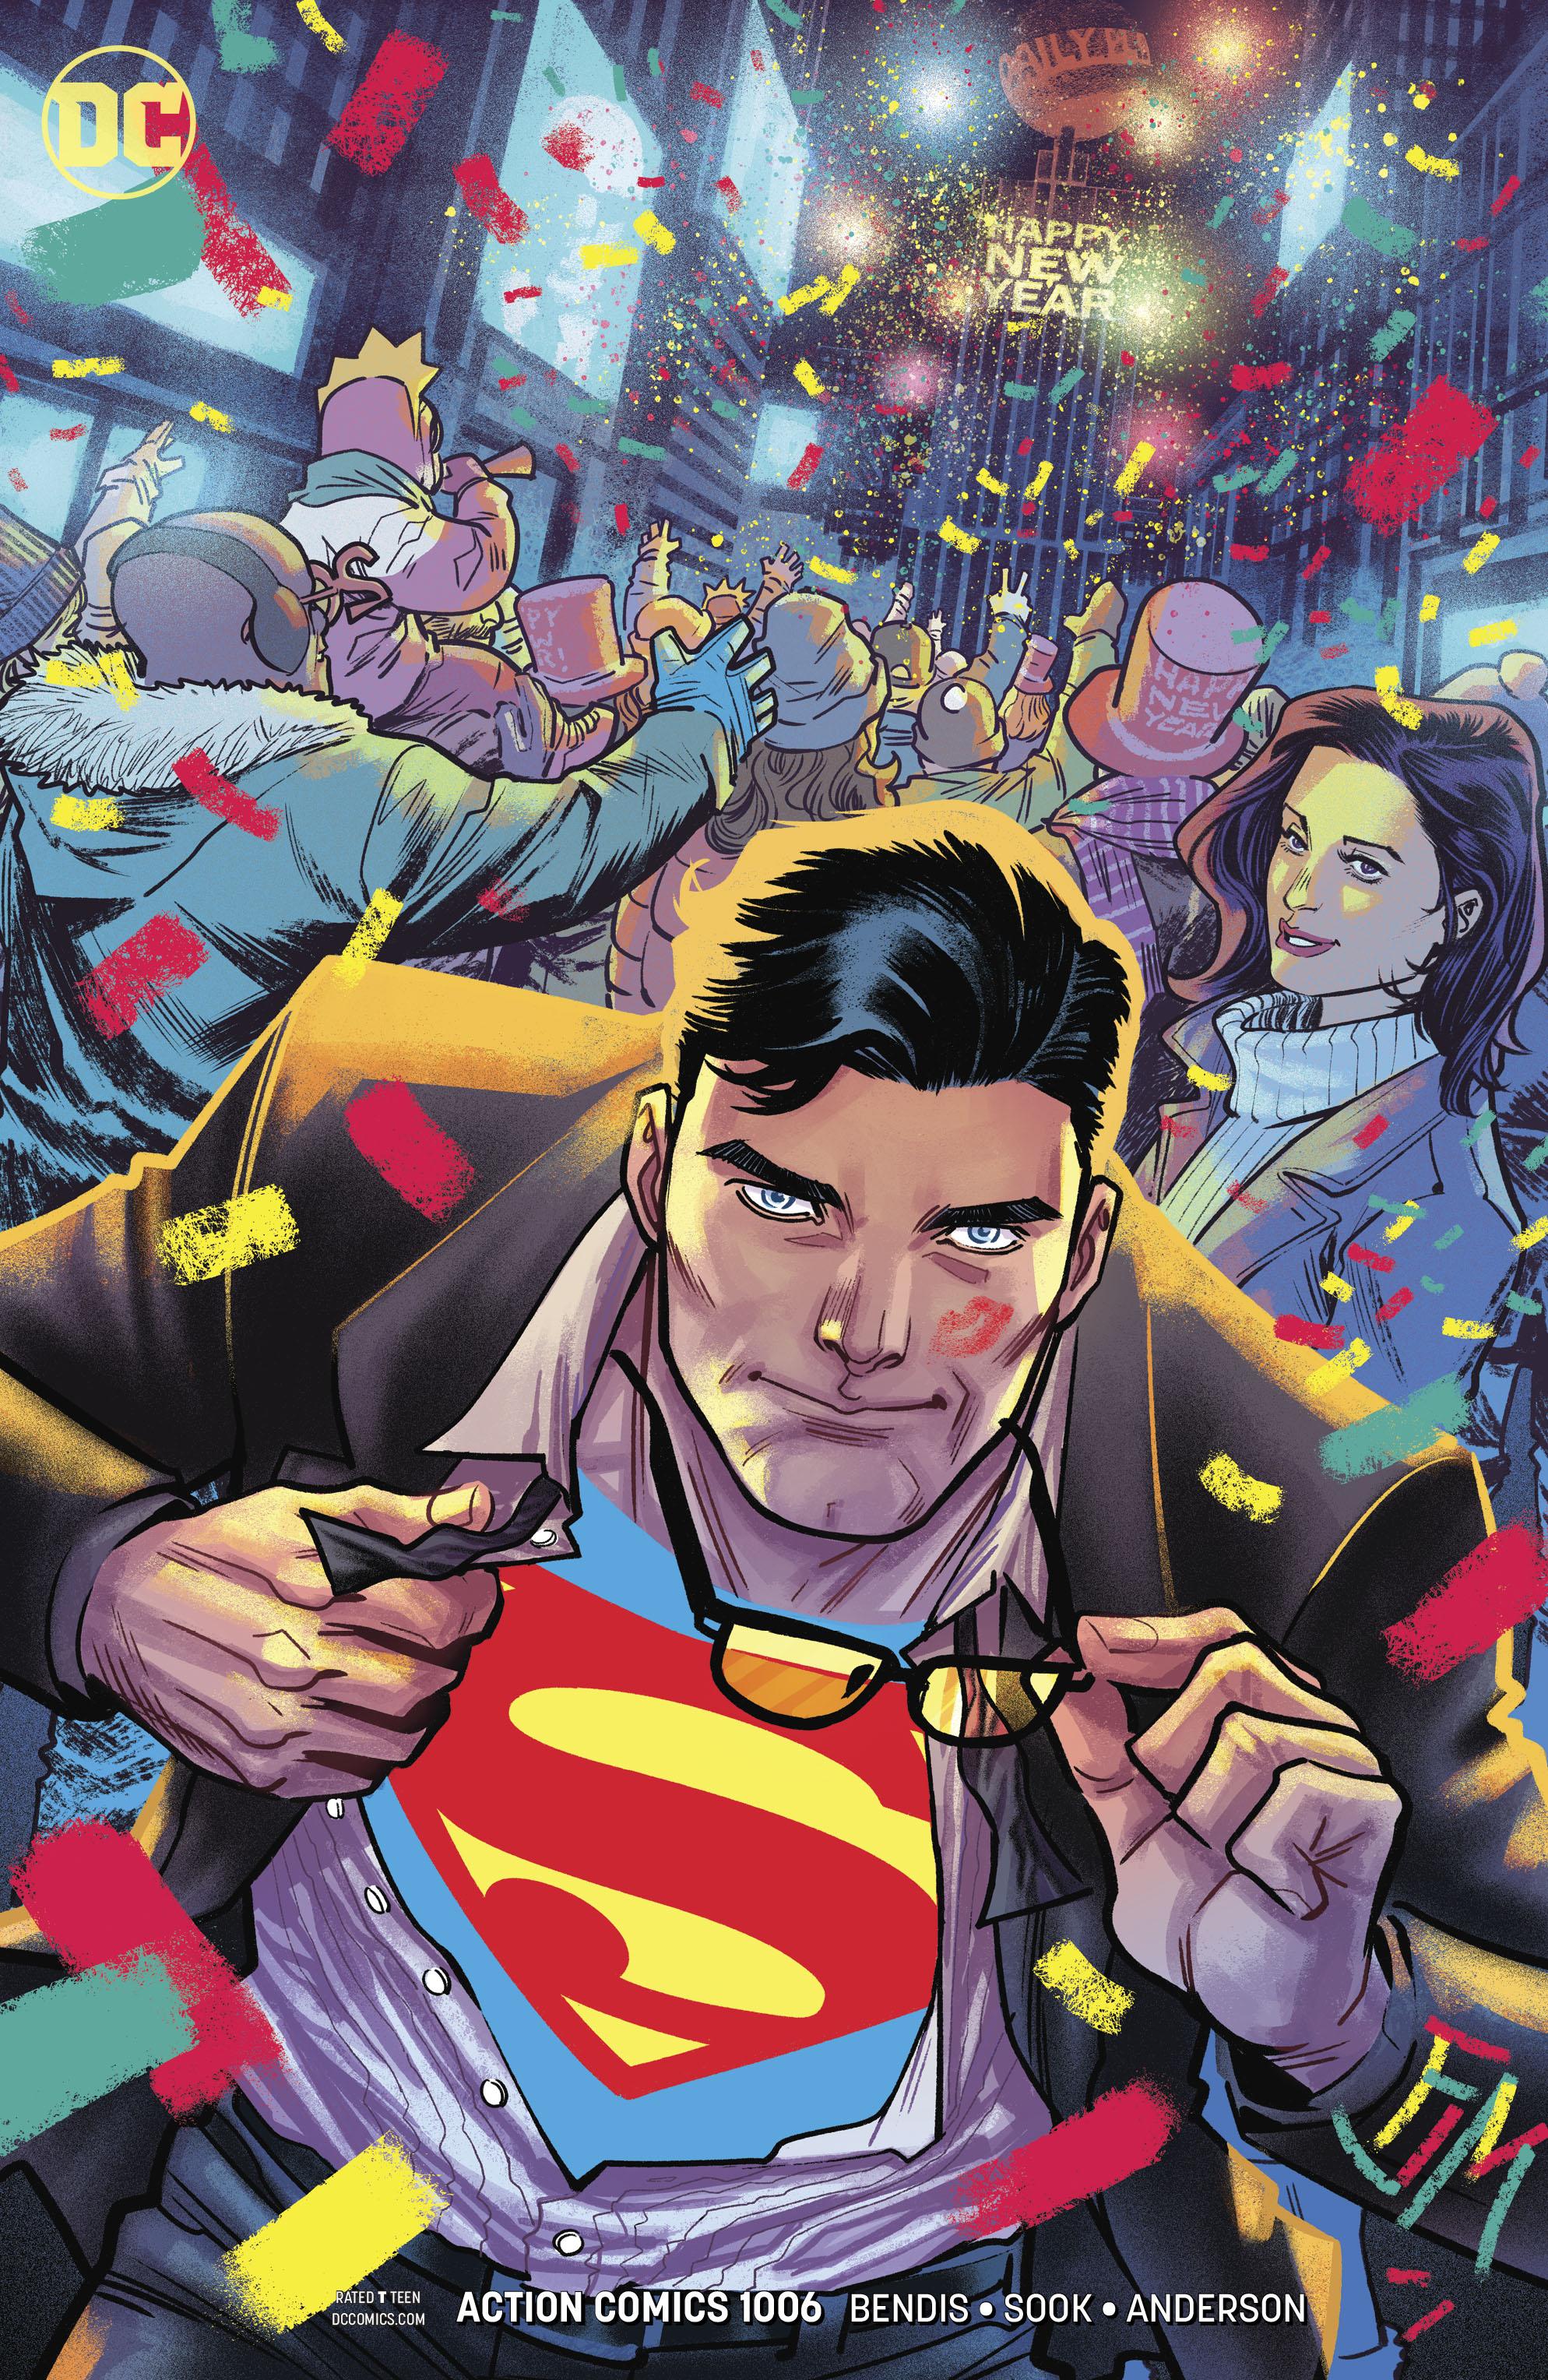 Action Comics Vol 1 1006 Variant.jpg